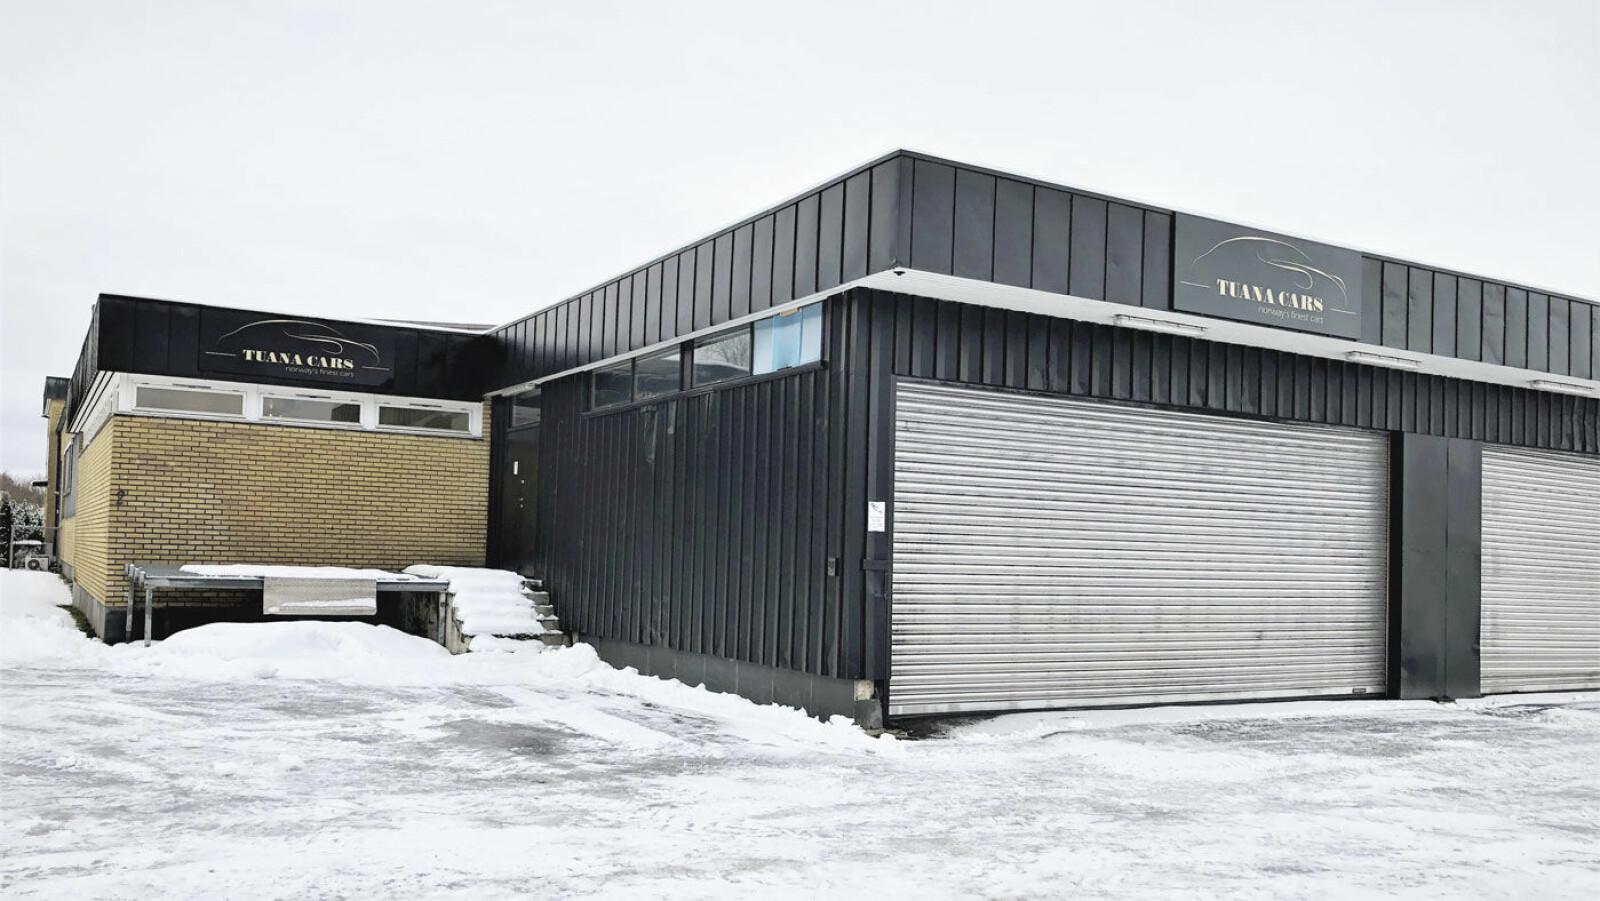 STENGT: I lokalene til tidligere Tuana Cars er dørene stengt og lokalene forlatt.